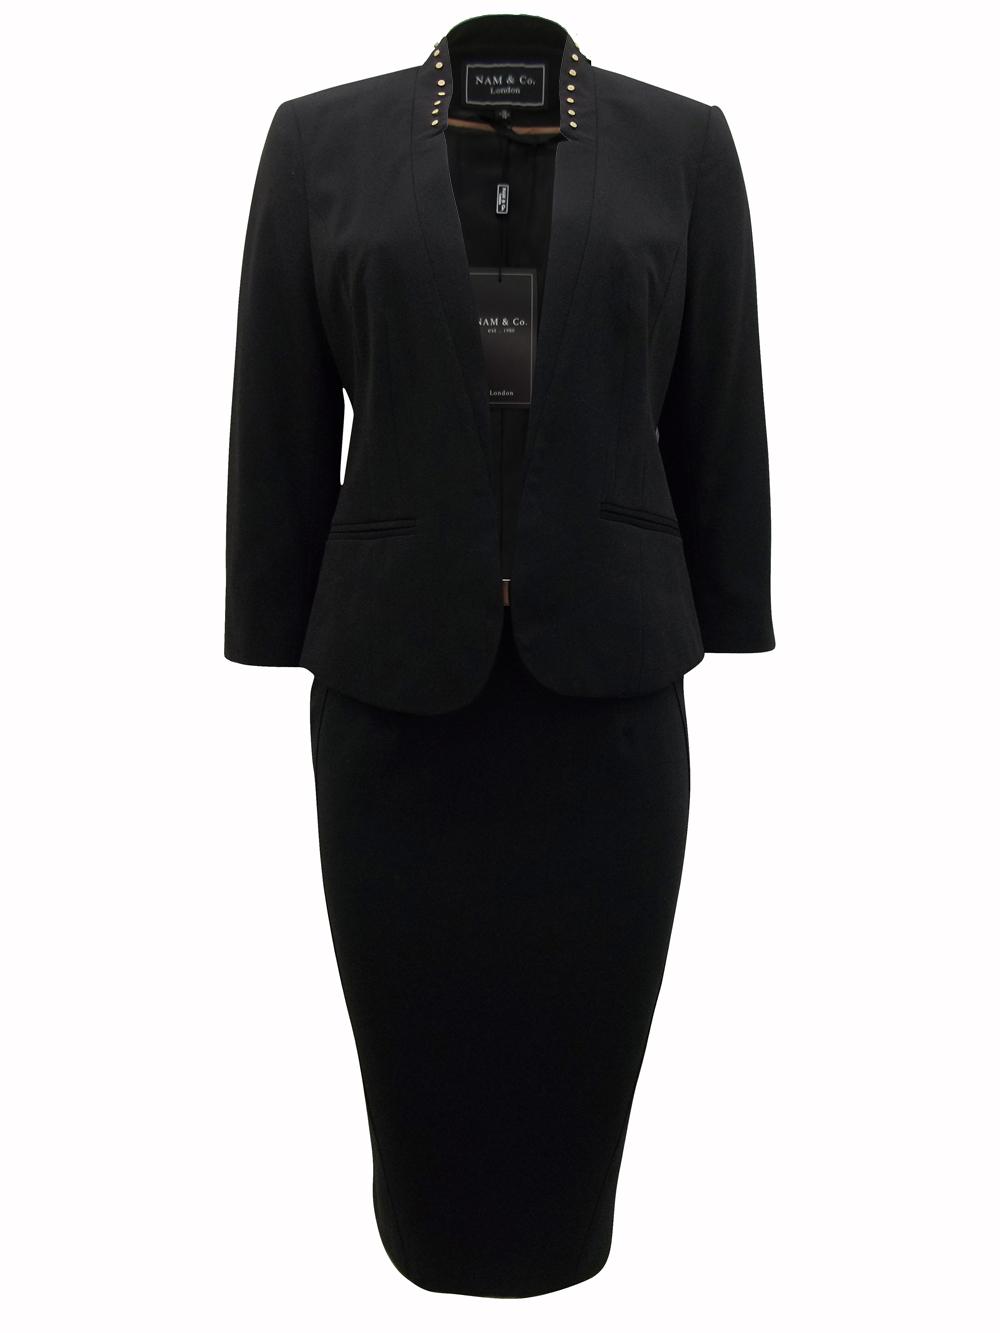 0484c09b56cdf Nam Co - - Nam Co BLACK Stud Embellished Belted Skirt Suit - Size 8 to 18